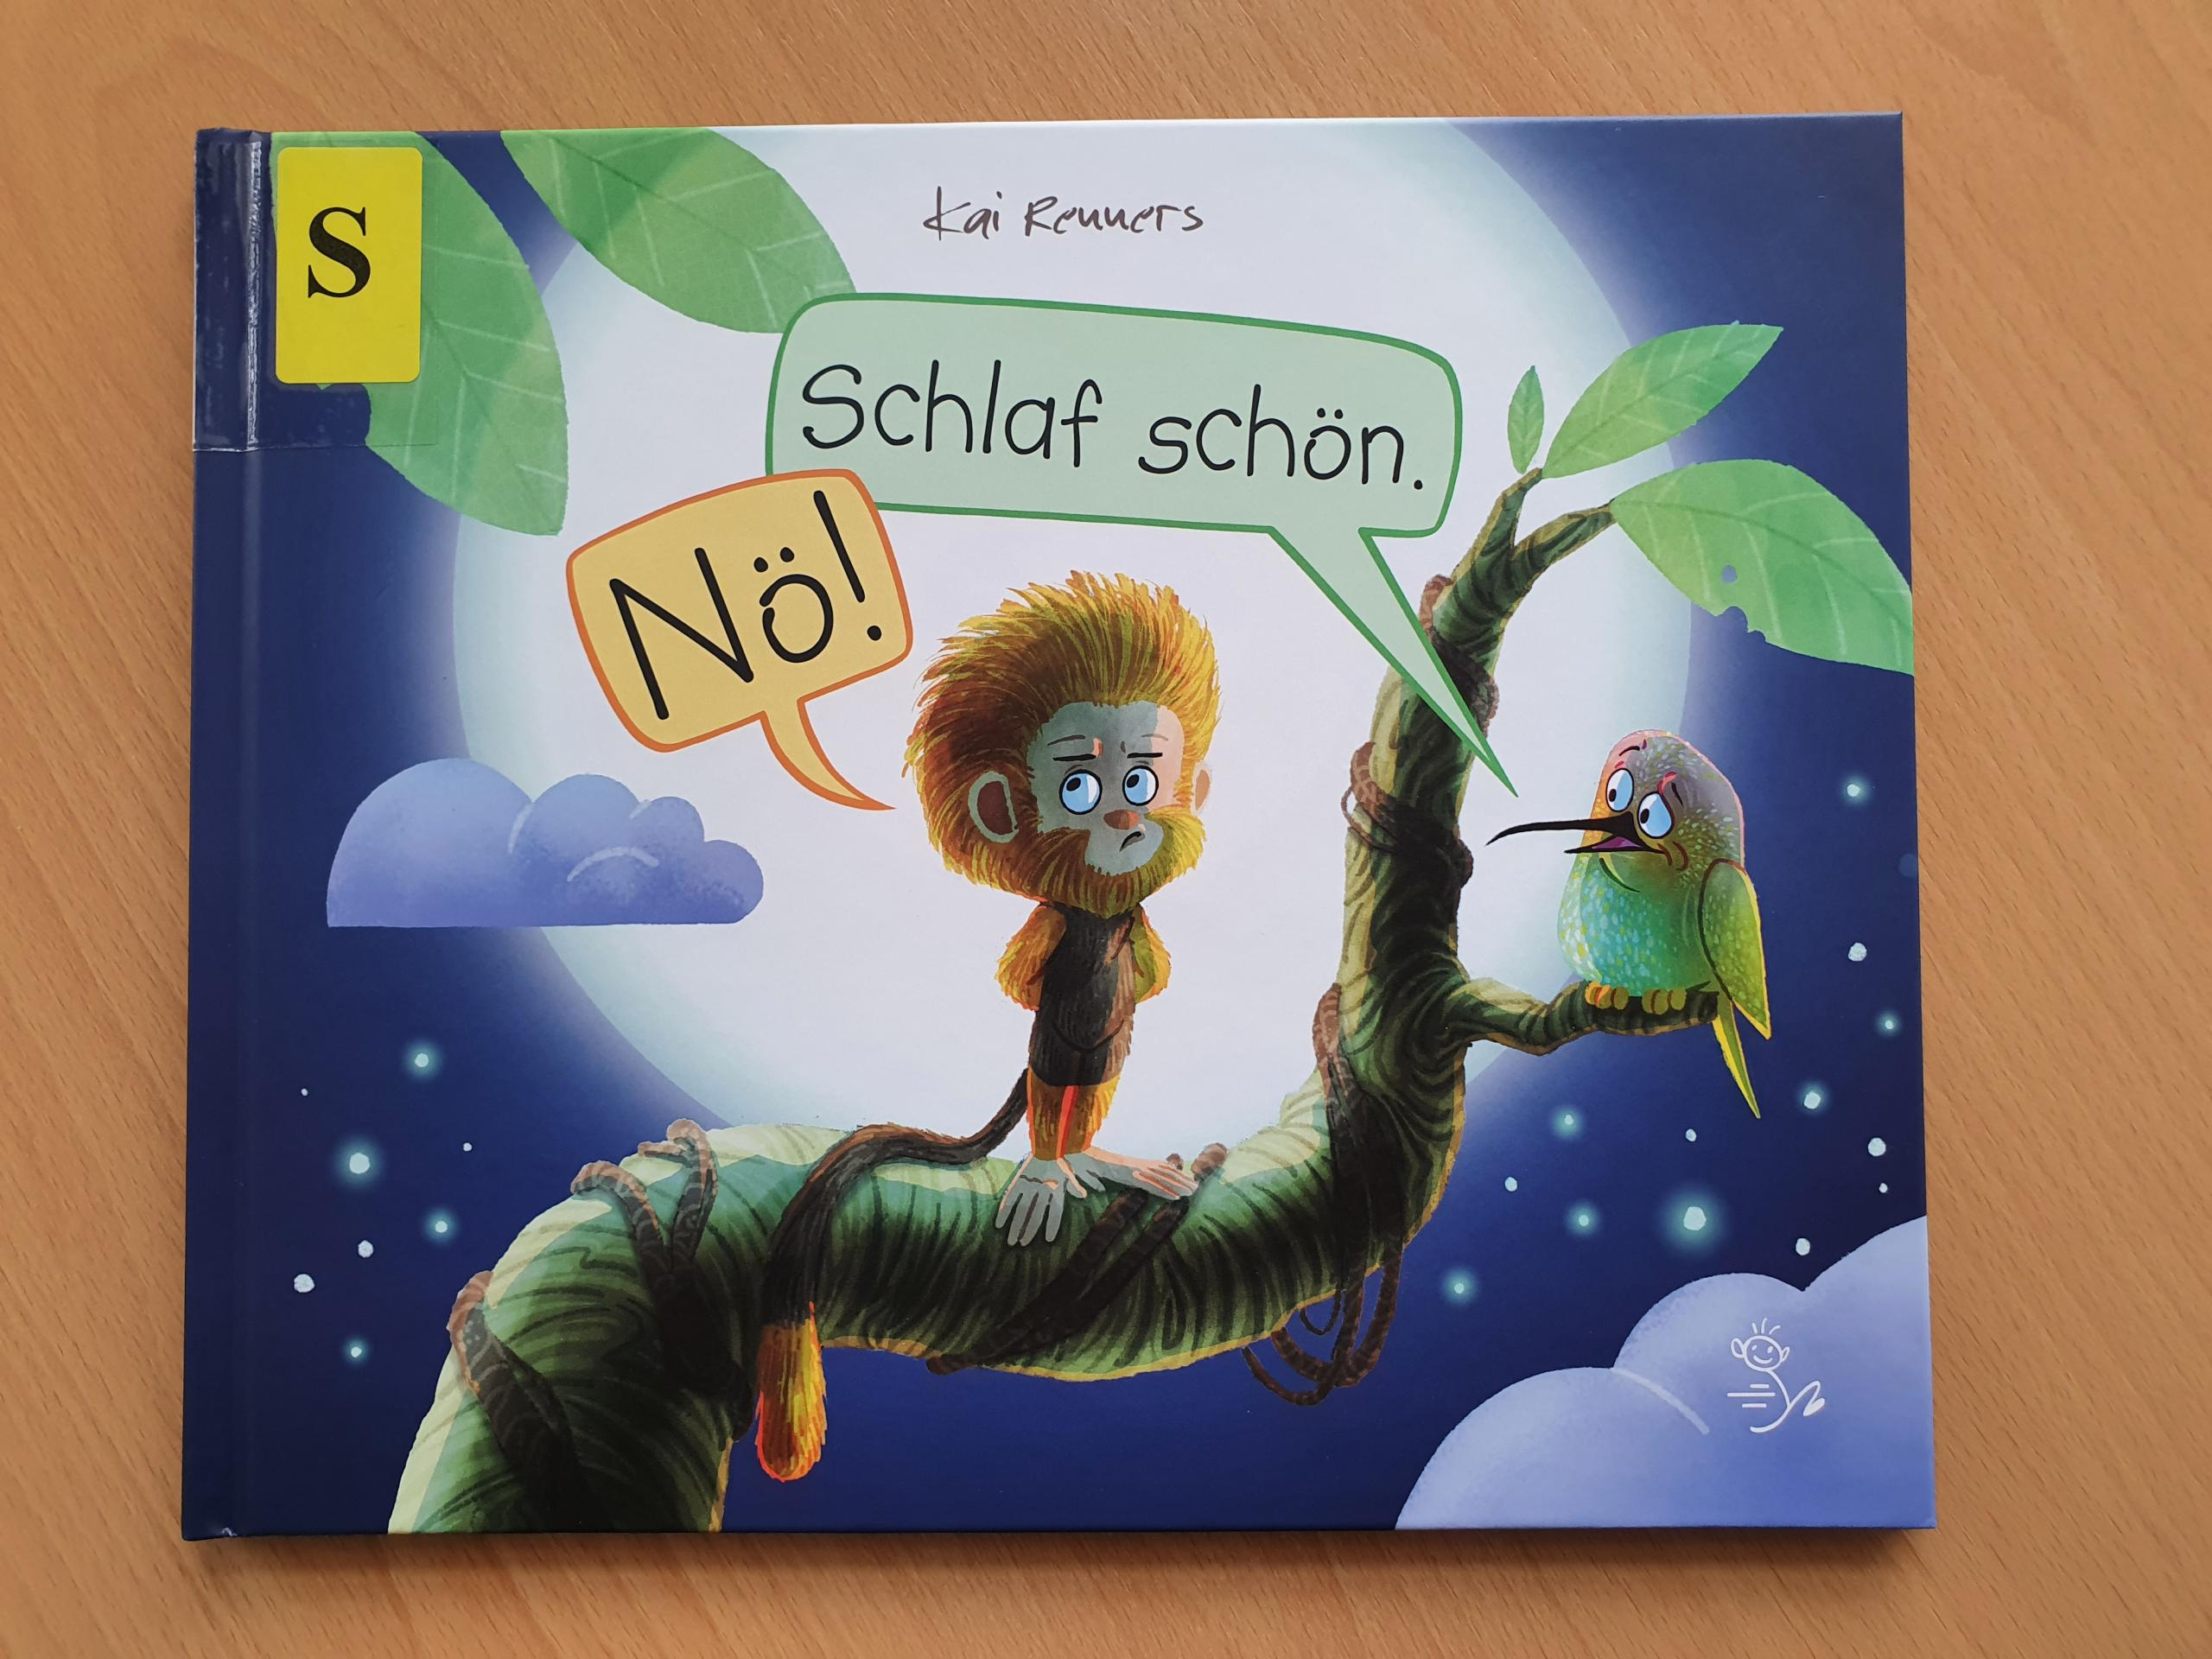 Medientipps Kinder- und Jugendbücher ©Stadtbibliothek Schönebeck